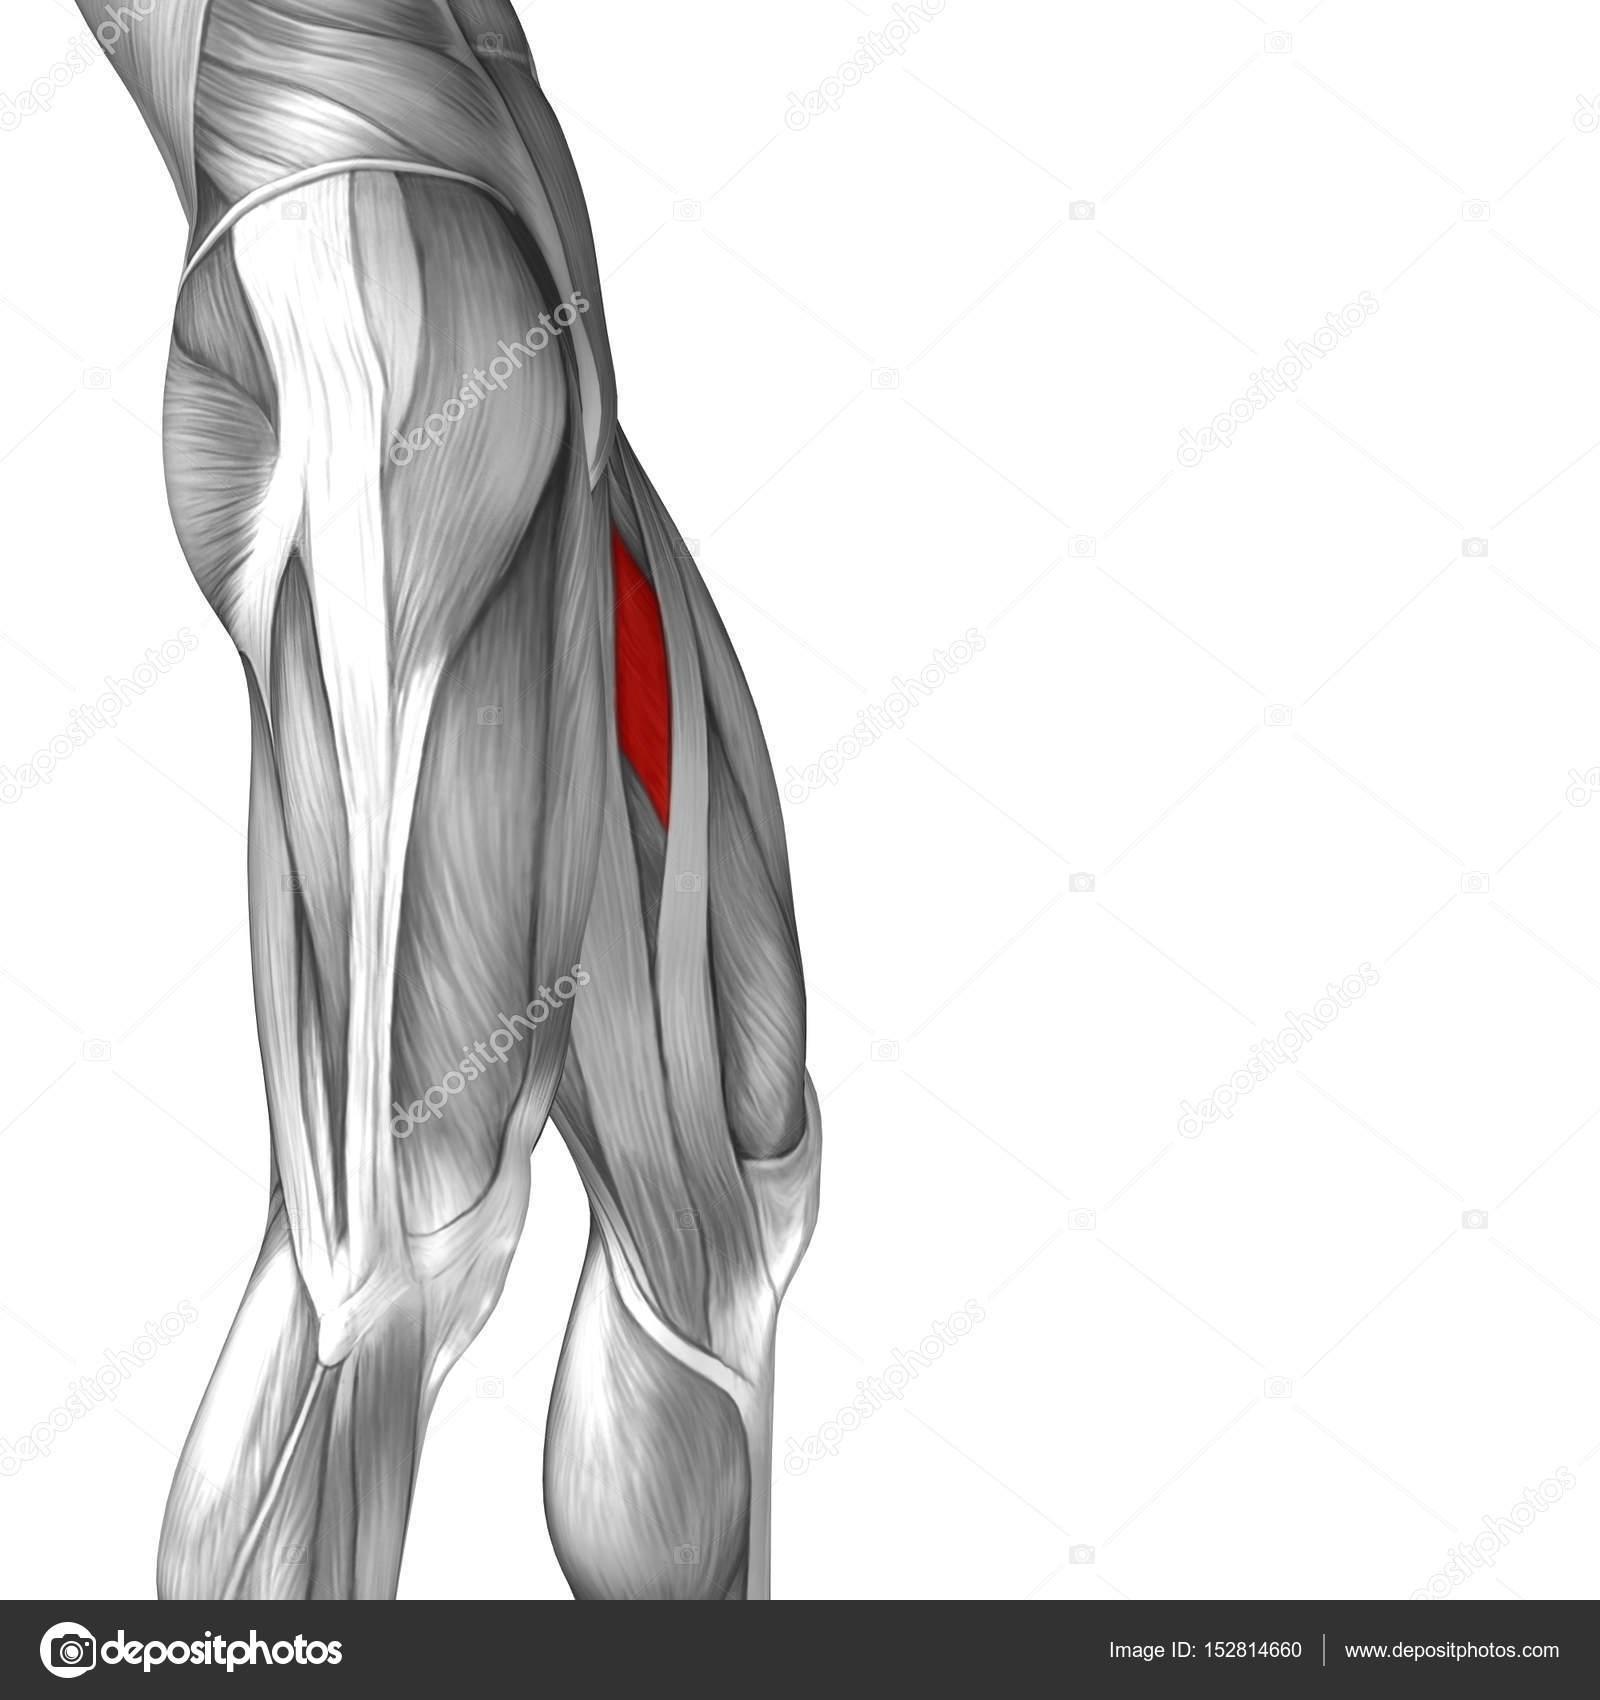 menschliche Oberschenkel-Anatomie — Stockfoto © design36 #152814660